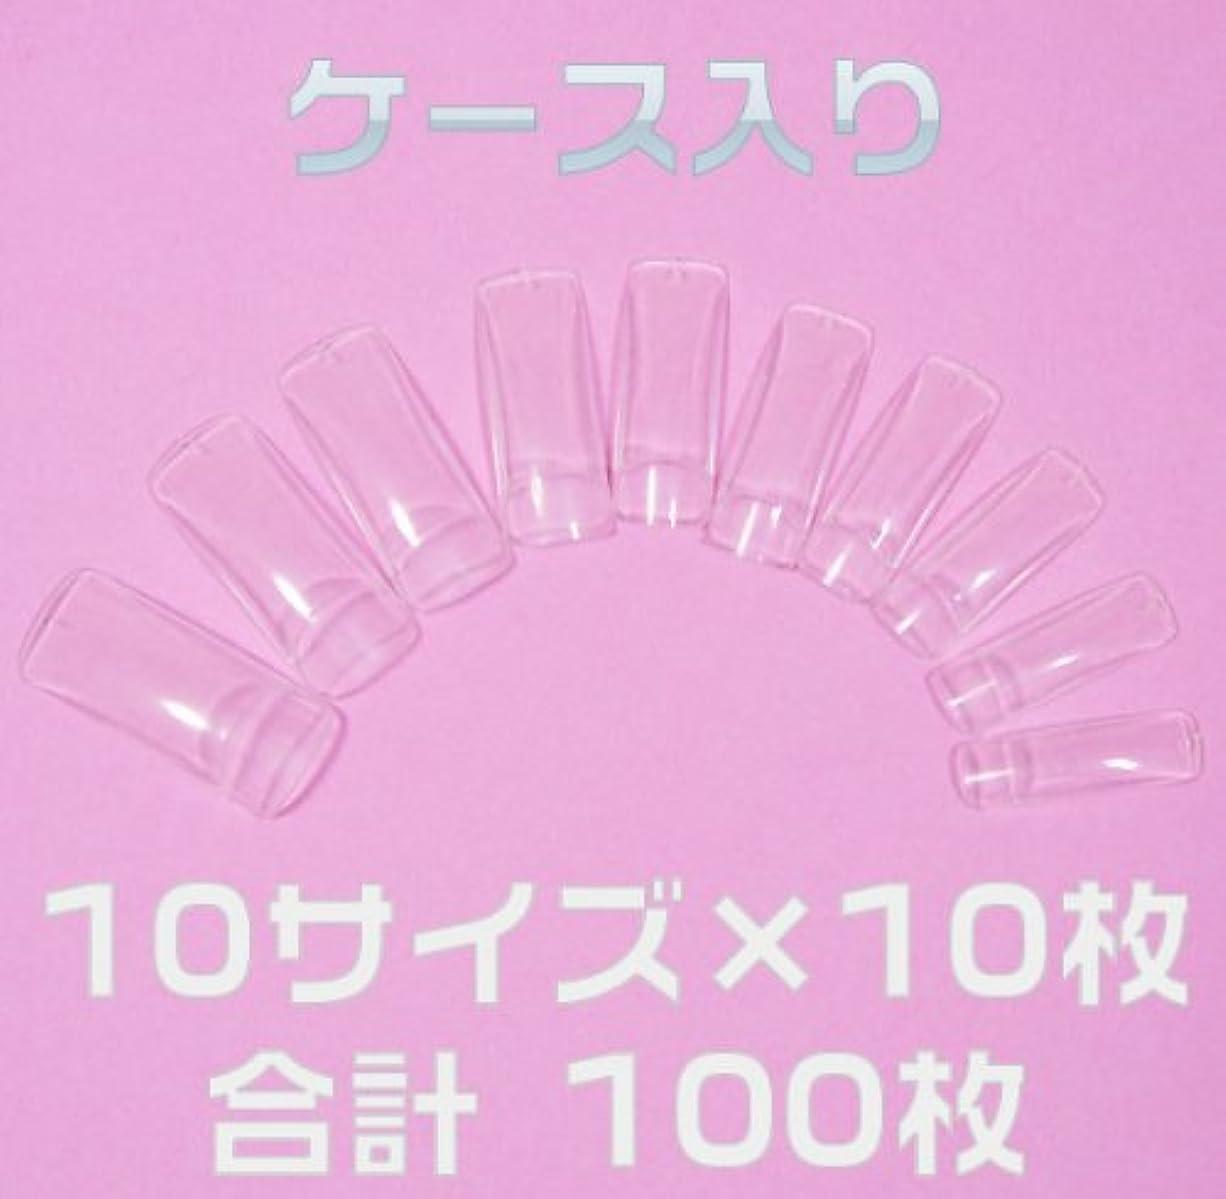 トリップ誇張するオデュッセウスネイルチップ チップオーバーレイ用 クリア 100枚[#c3] つけ爪付け爪